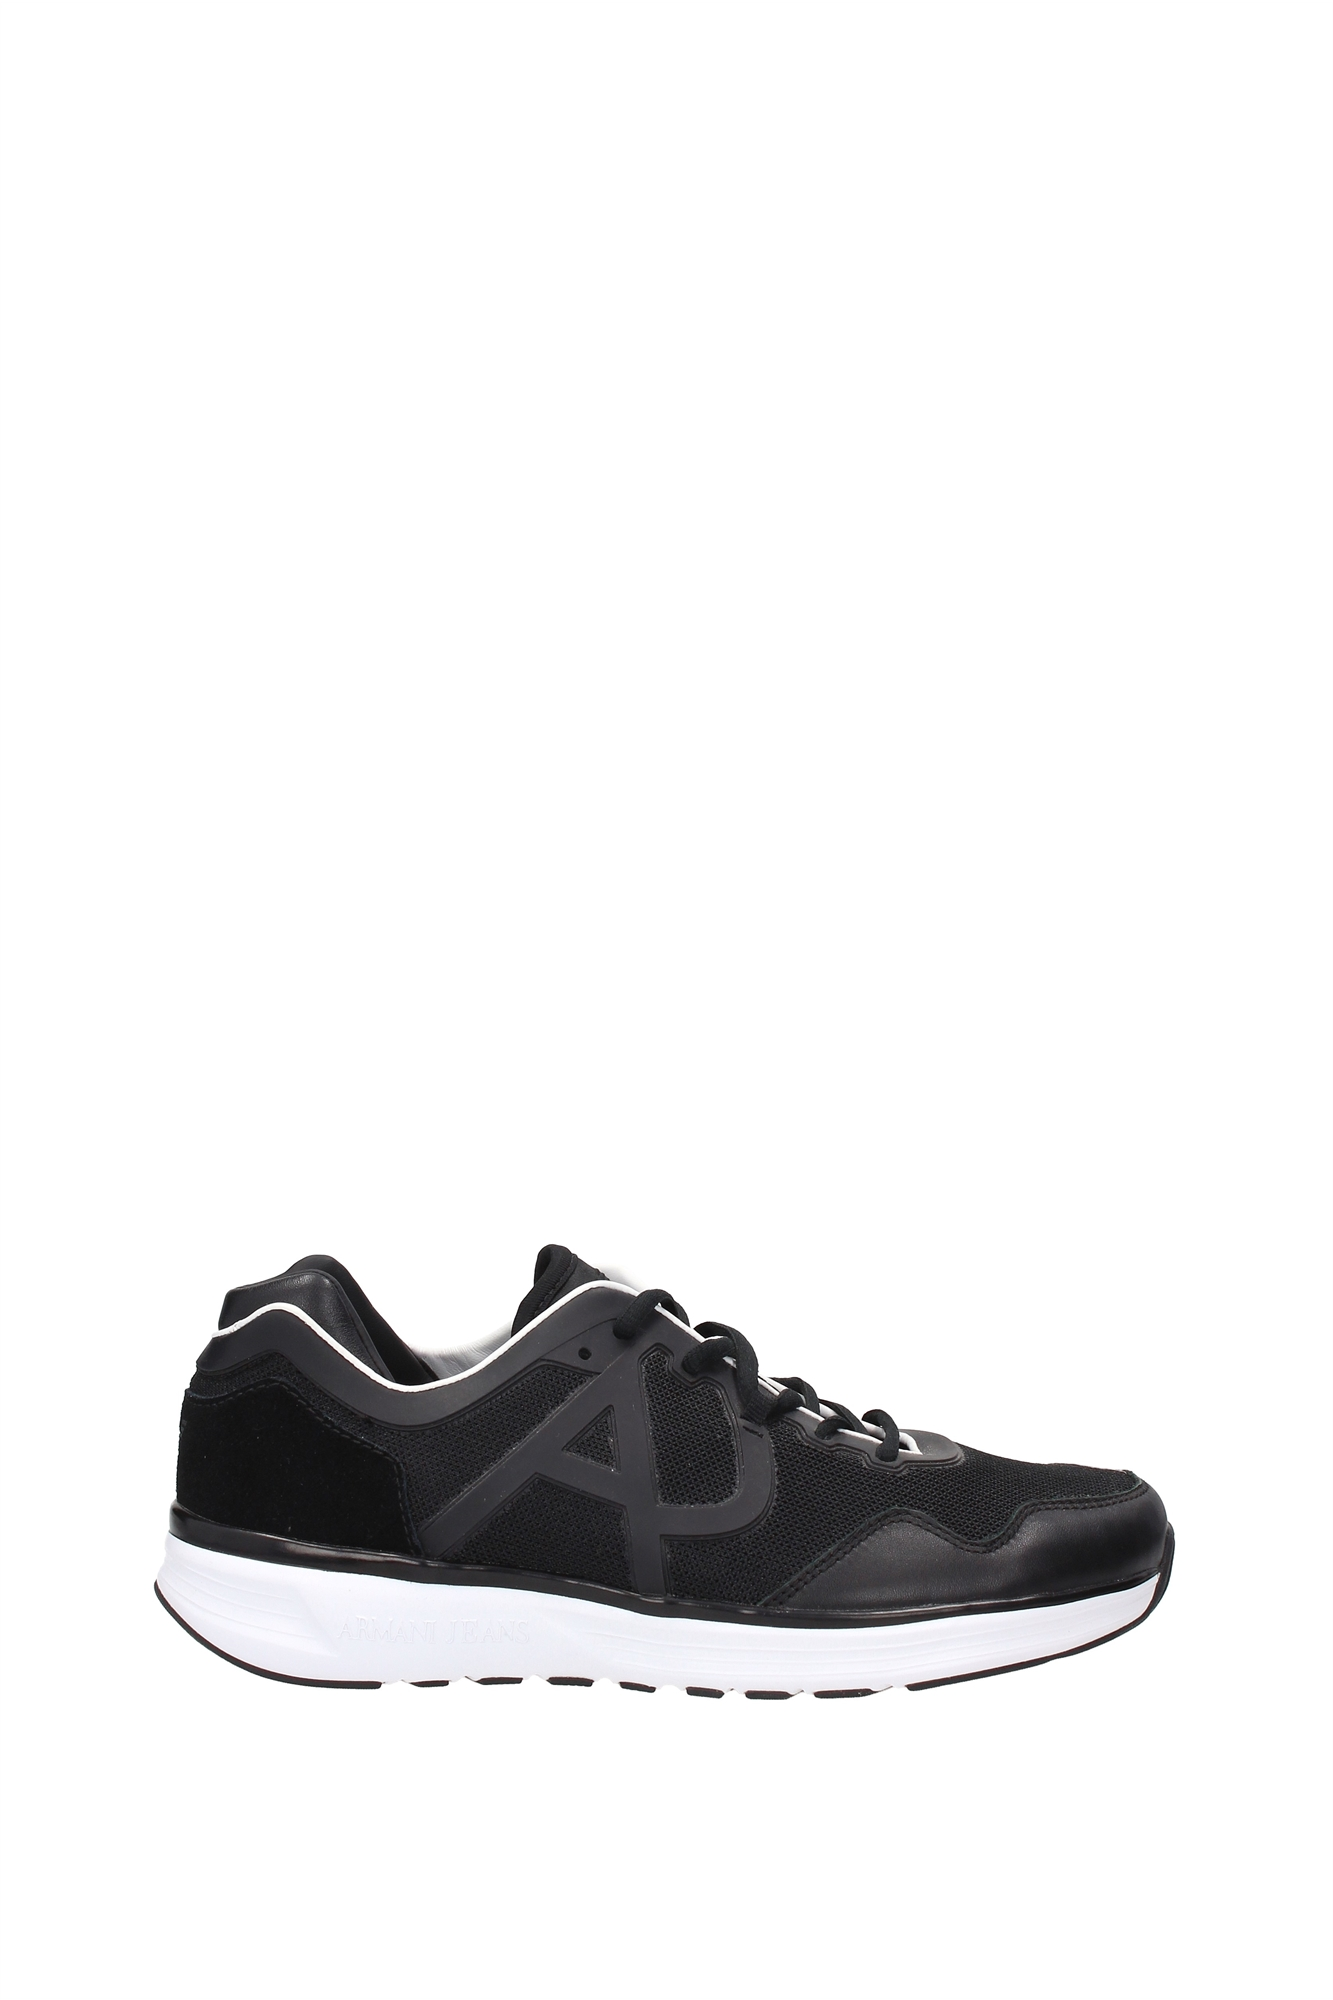 Sneakers Armani Jeans Herren Wildleder - Wildleder Herren (C65023712) a03cf0